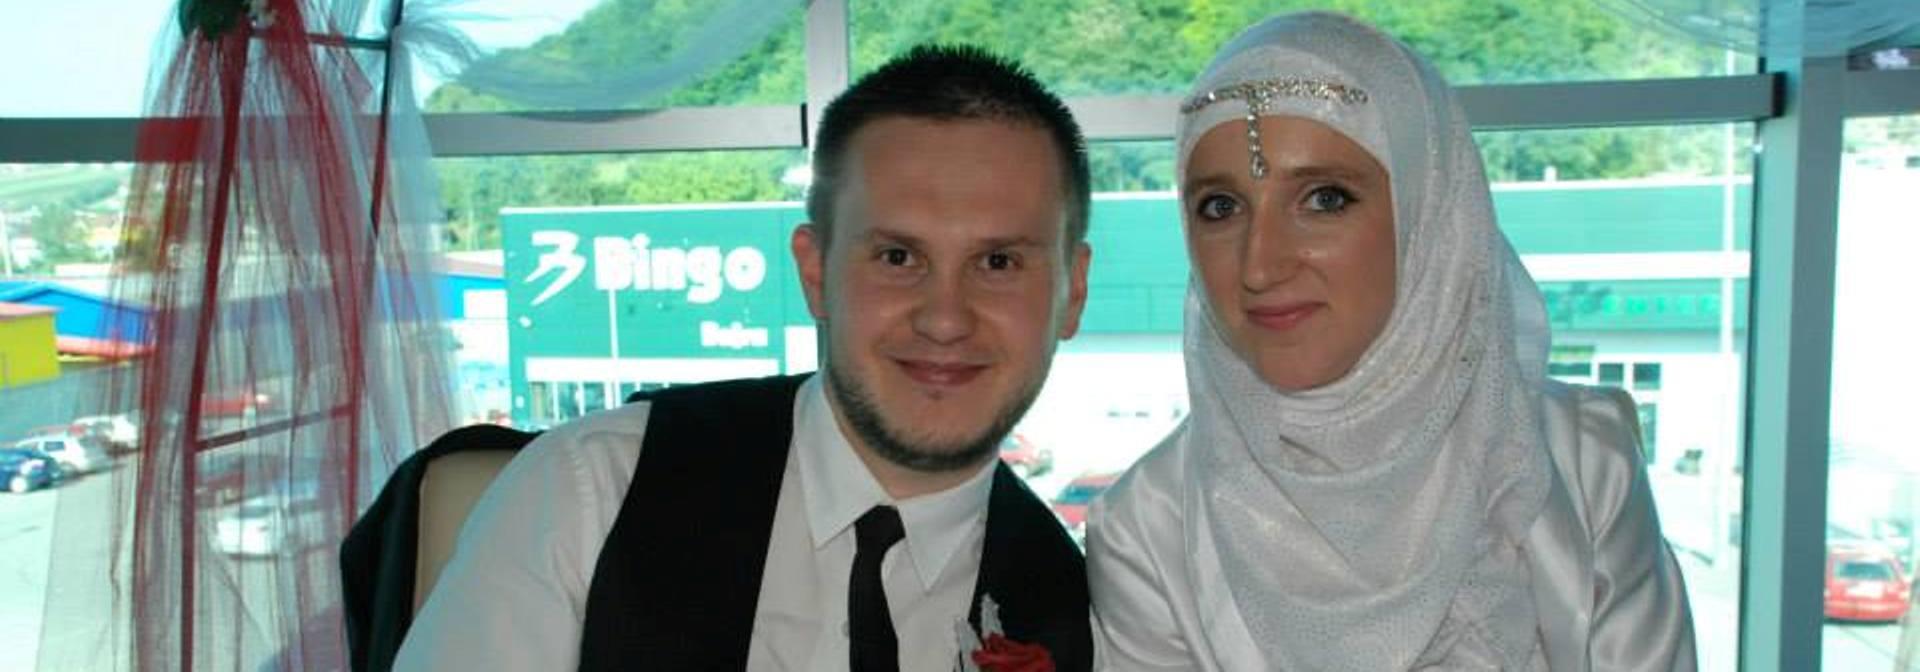 NEDAVNO SE VJENČALI Adis Dolić preminuo od posljedica stravičnog napada, supruga u komi